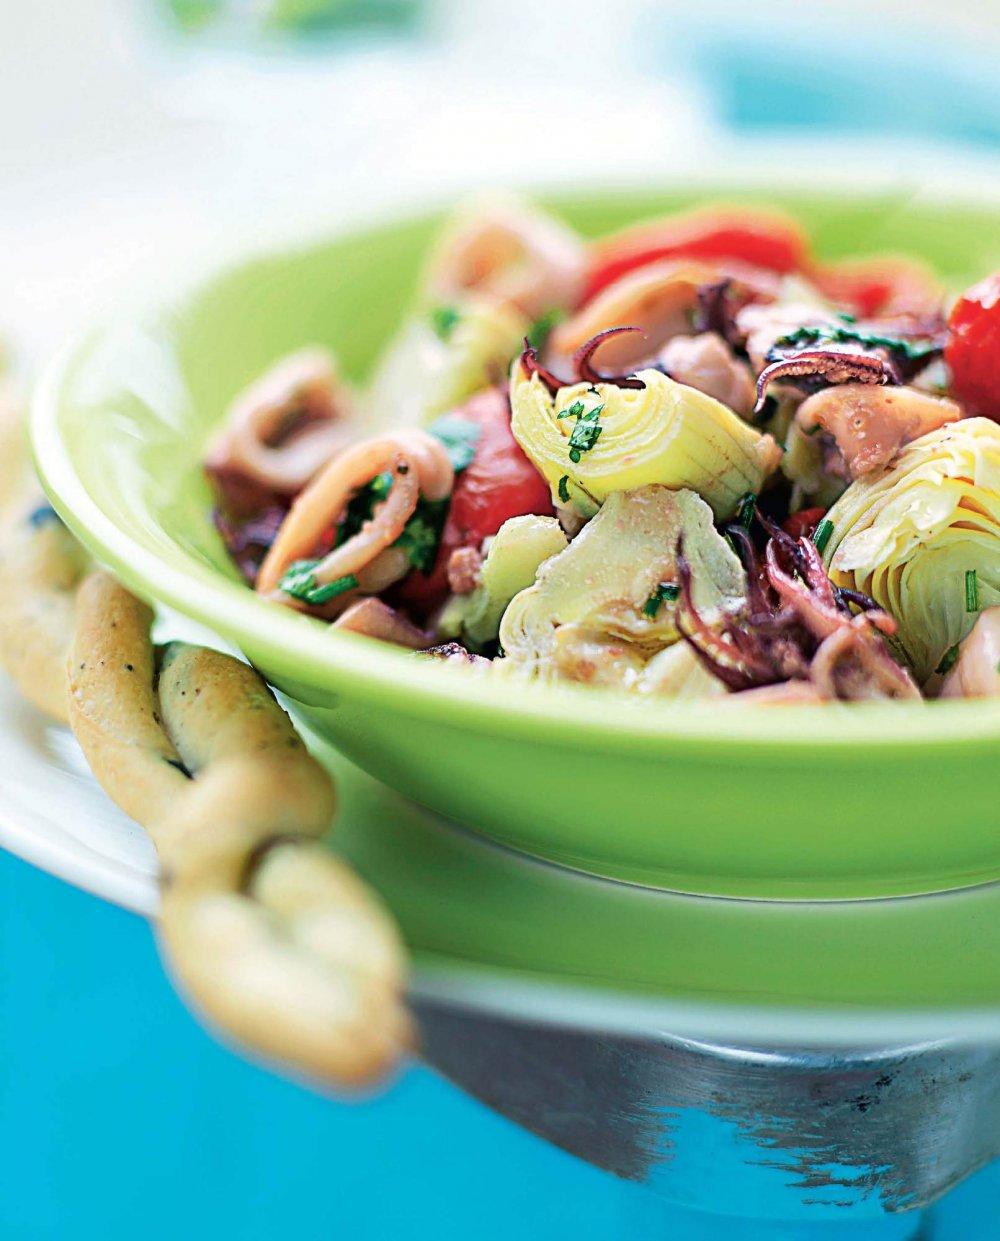 Salade italienne aux artichauts et calamars